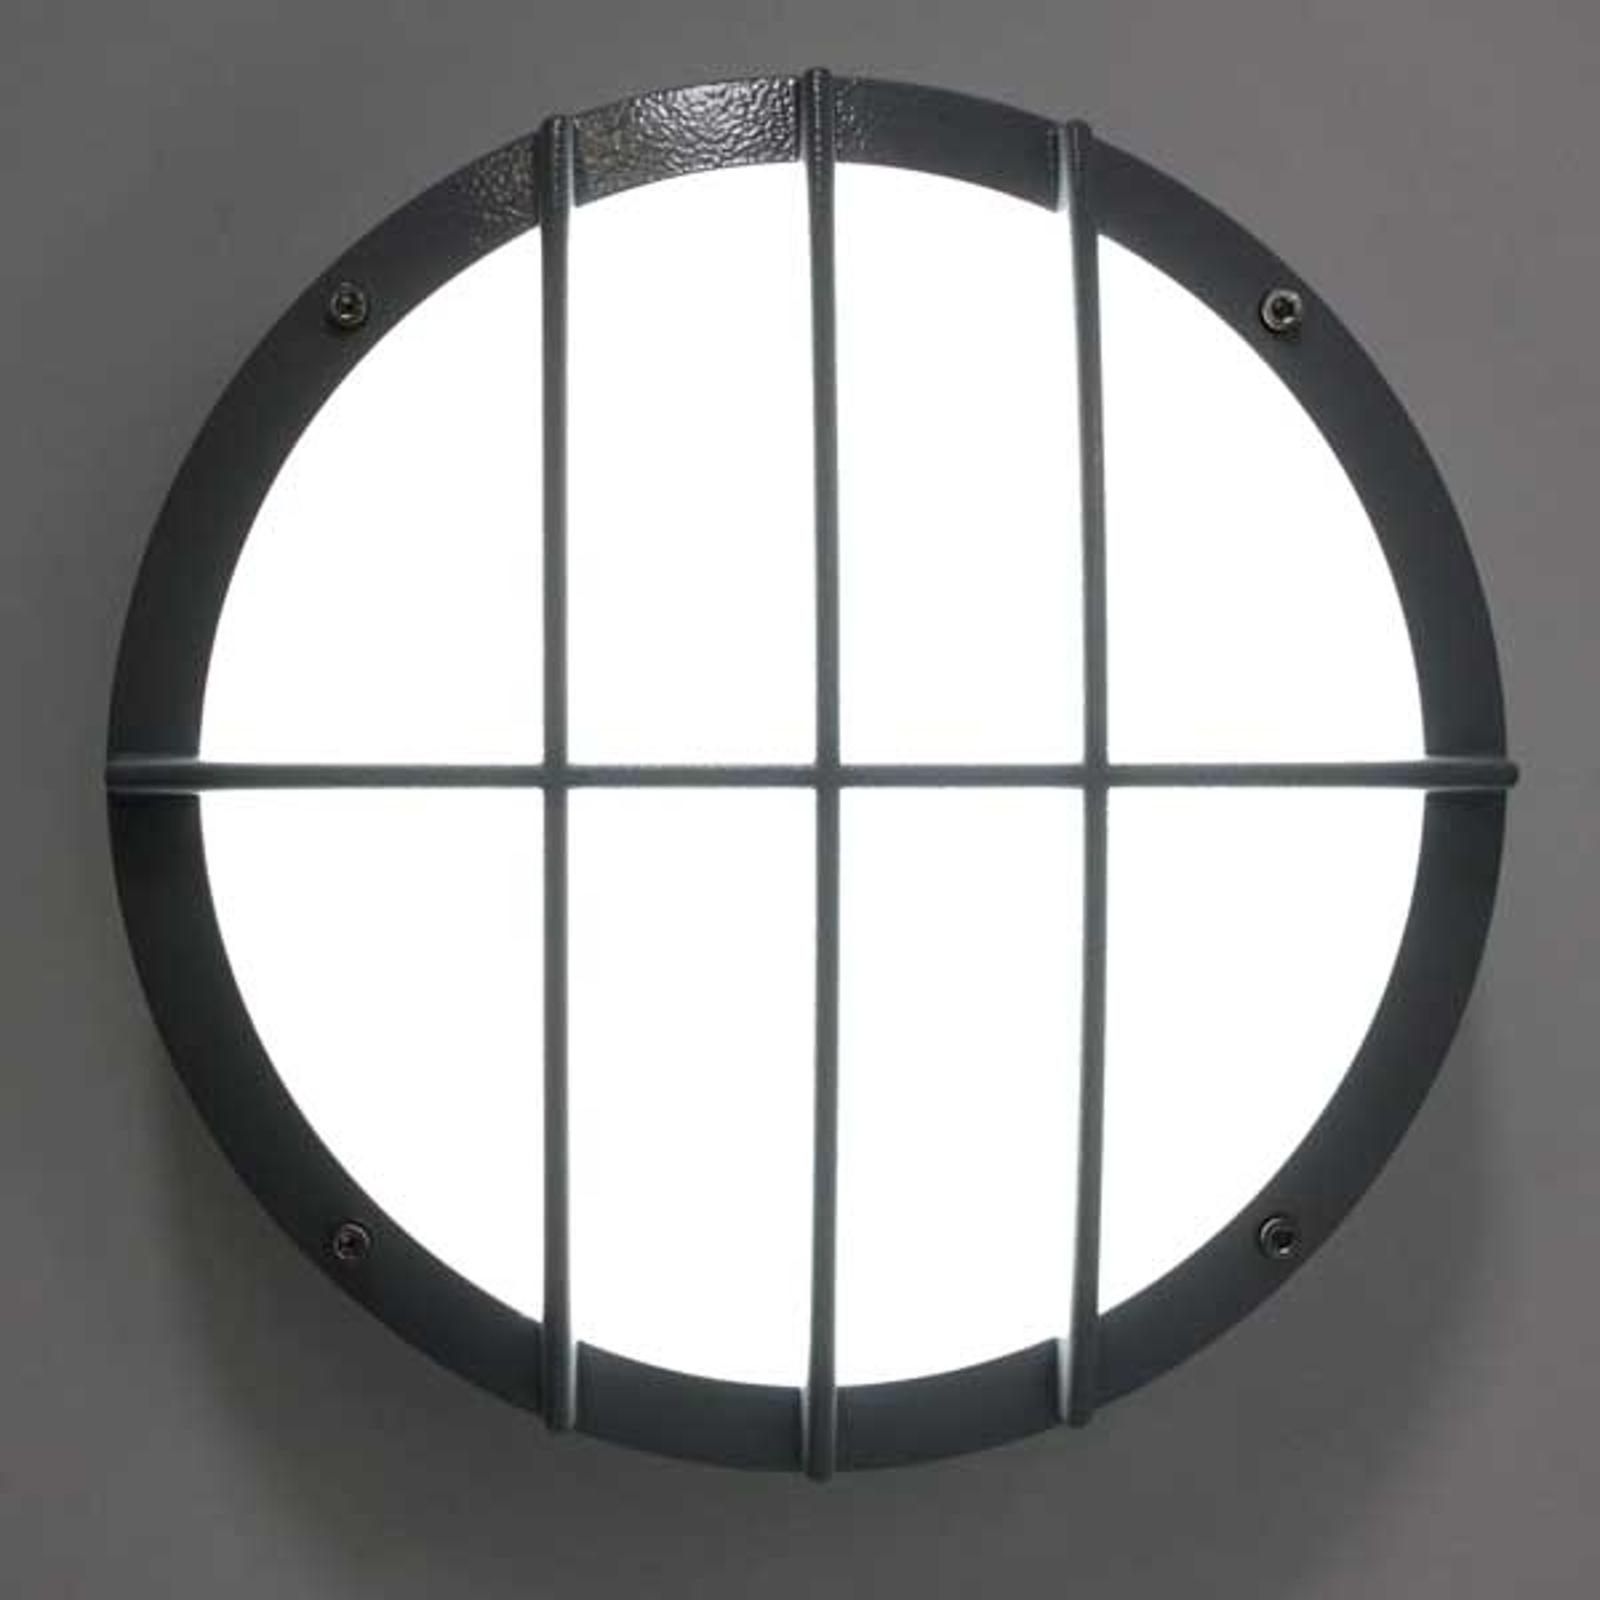 Lampa ścienna SUN 8 LED odlew ciśnieniowy 8W 3K